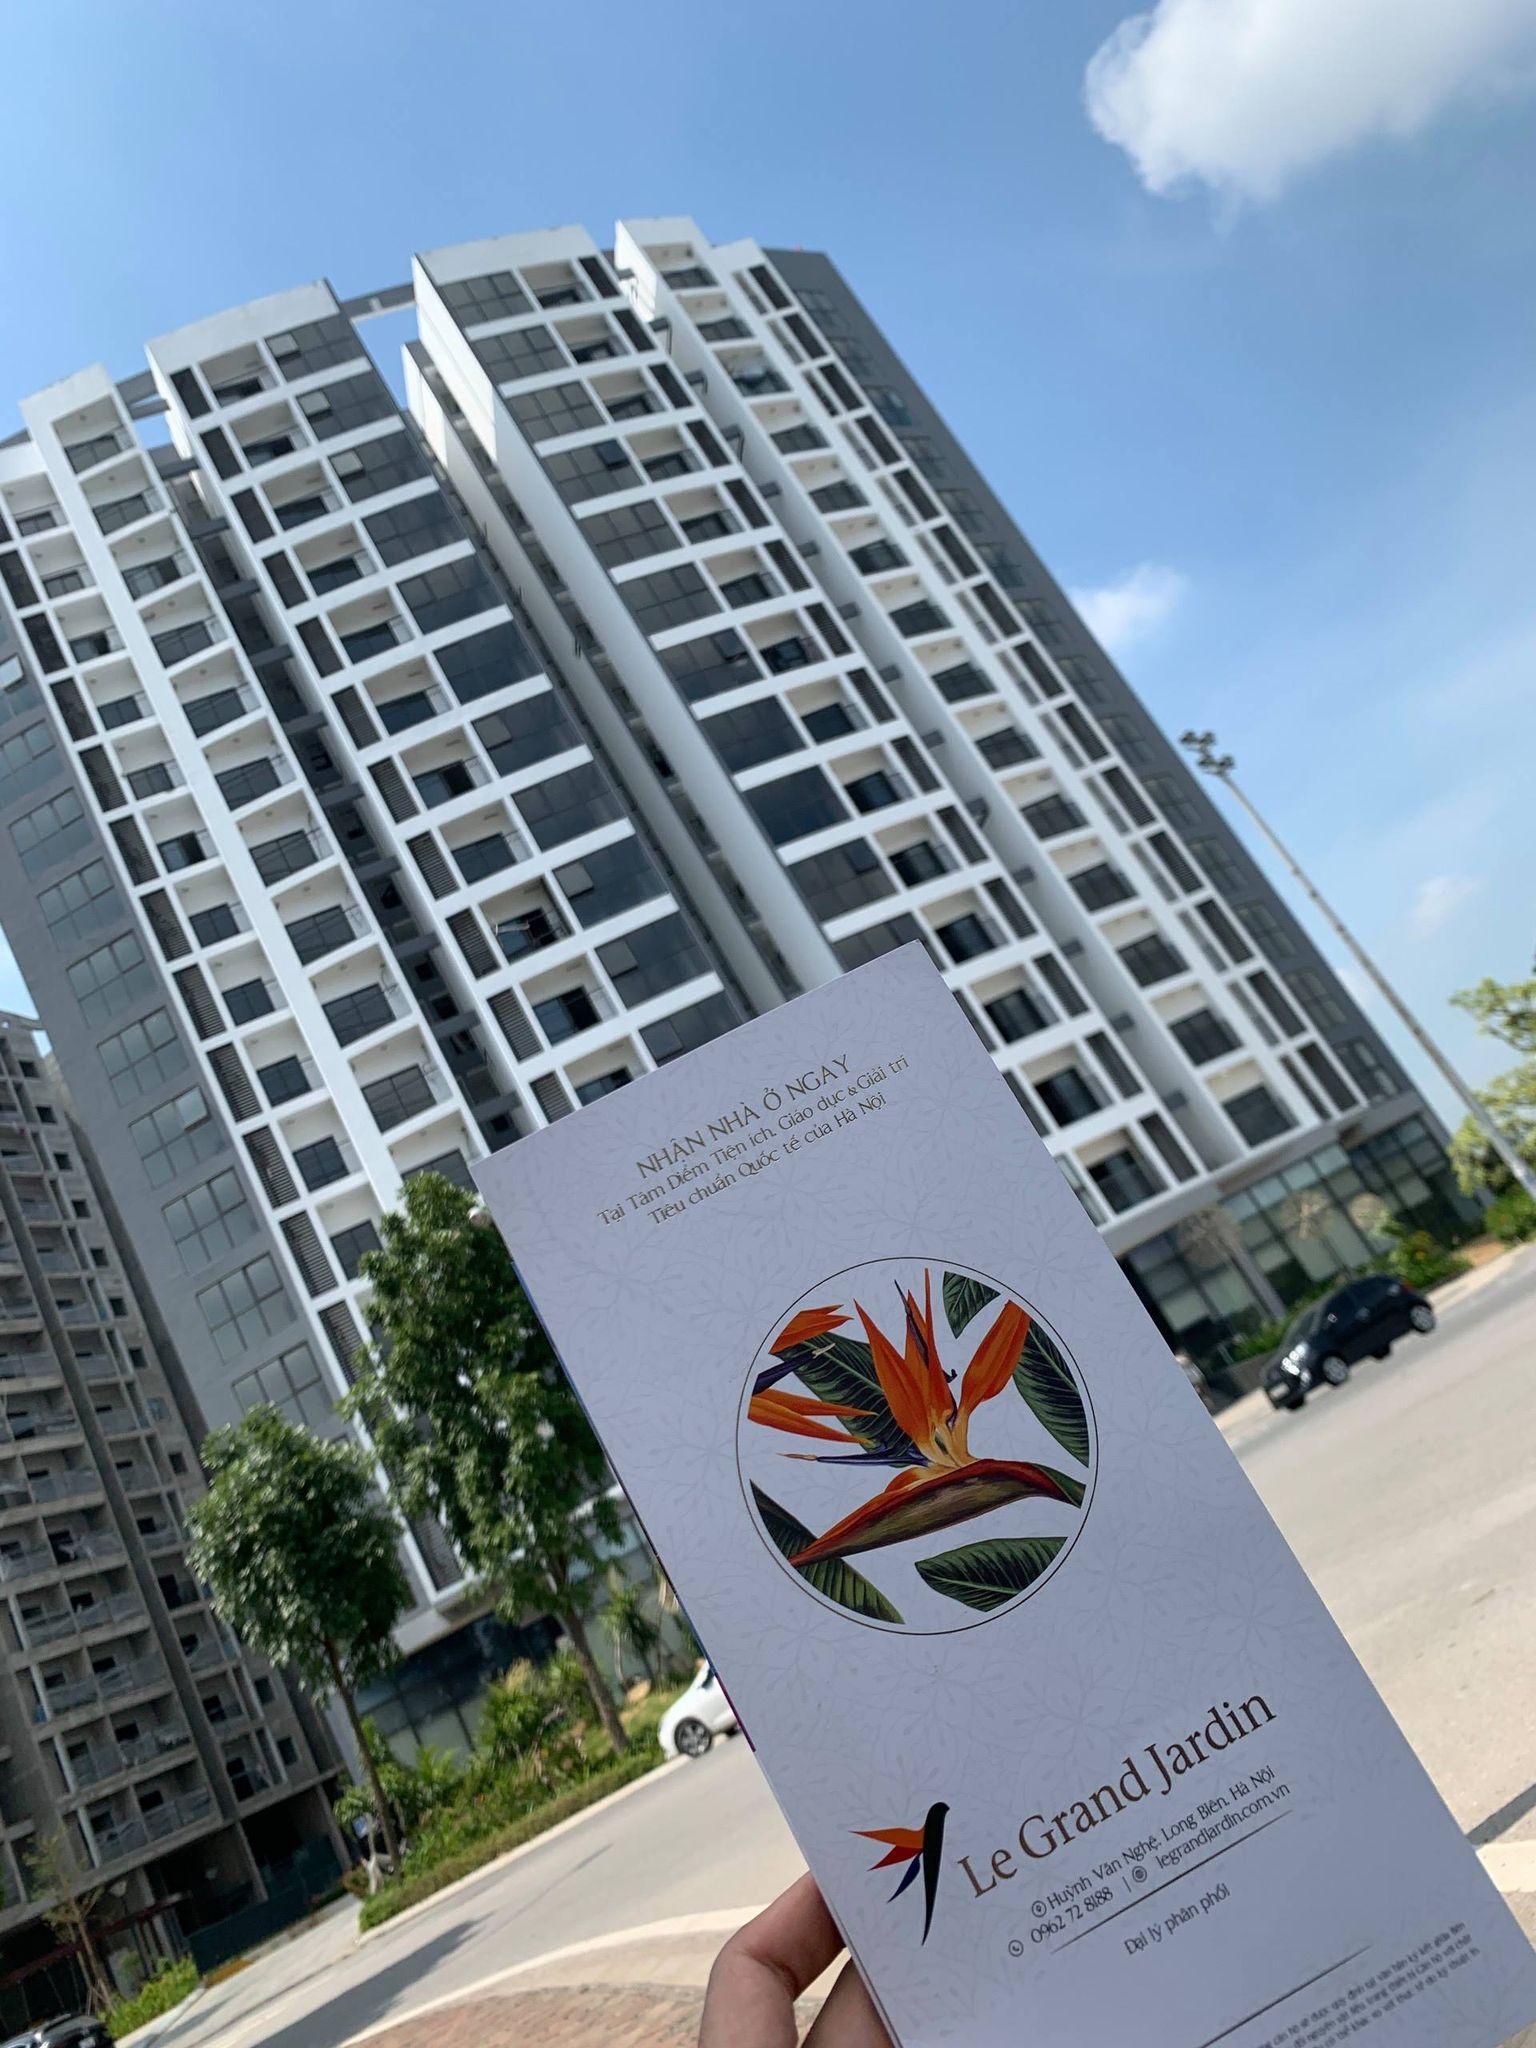 Cần bán Căn hộ chung cư dự án Le Grand Jardin Sài Đồng, Diện tích 97m², Giá 3400 Triệu - LH: 0369888680